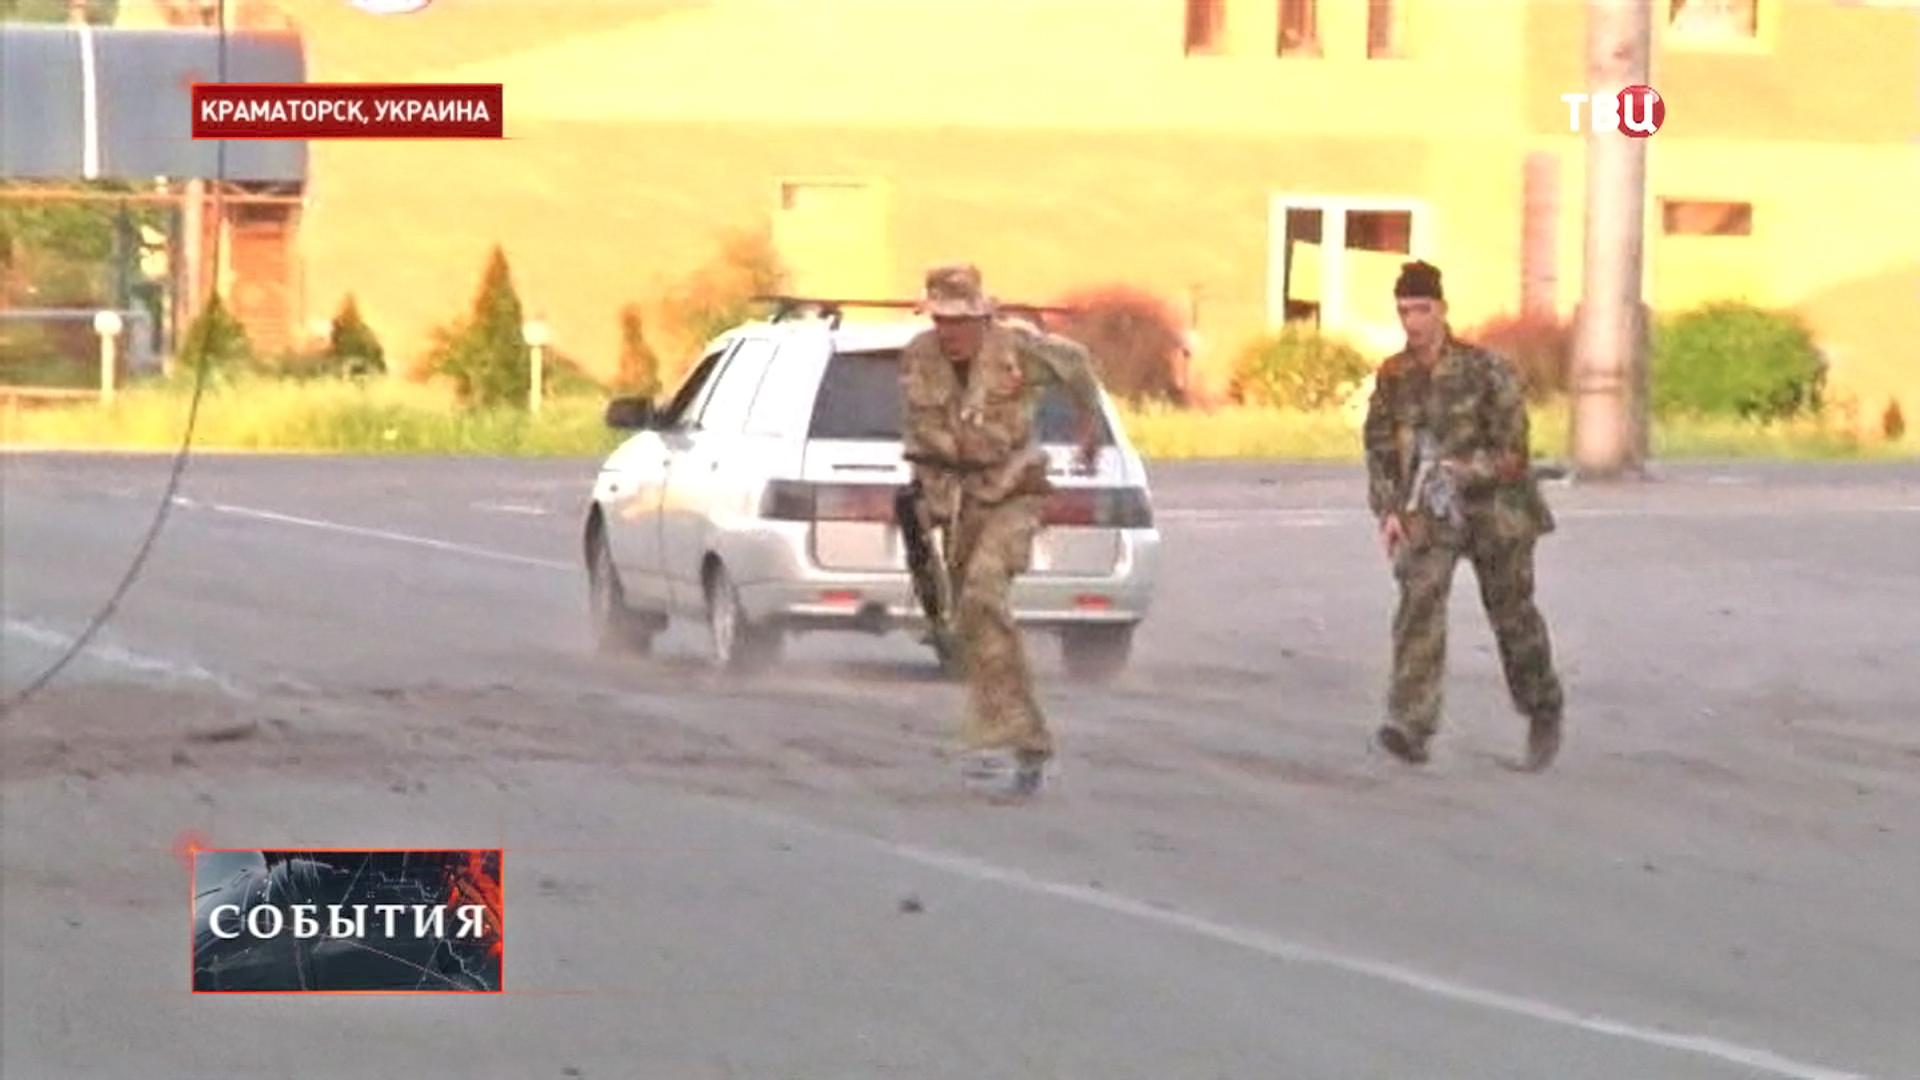 Военные в Криматорске